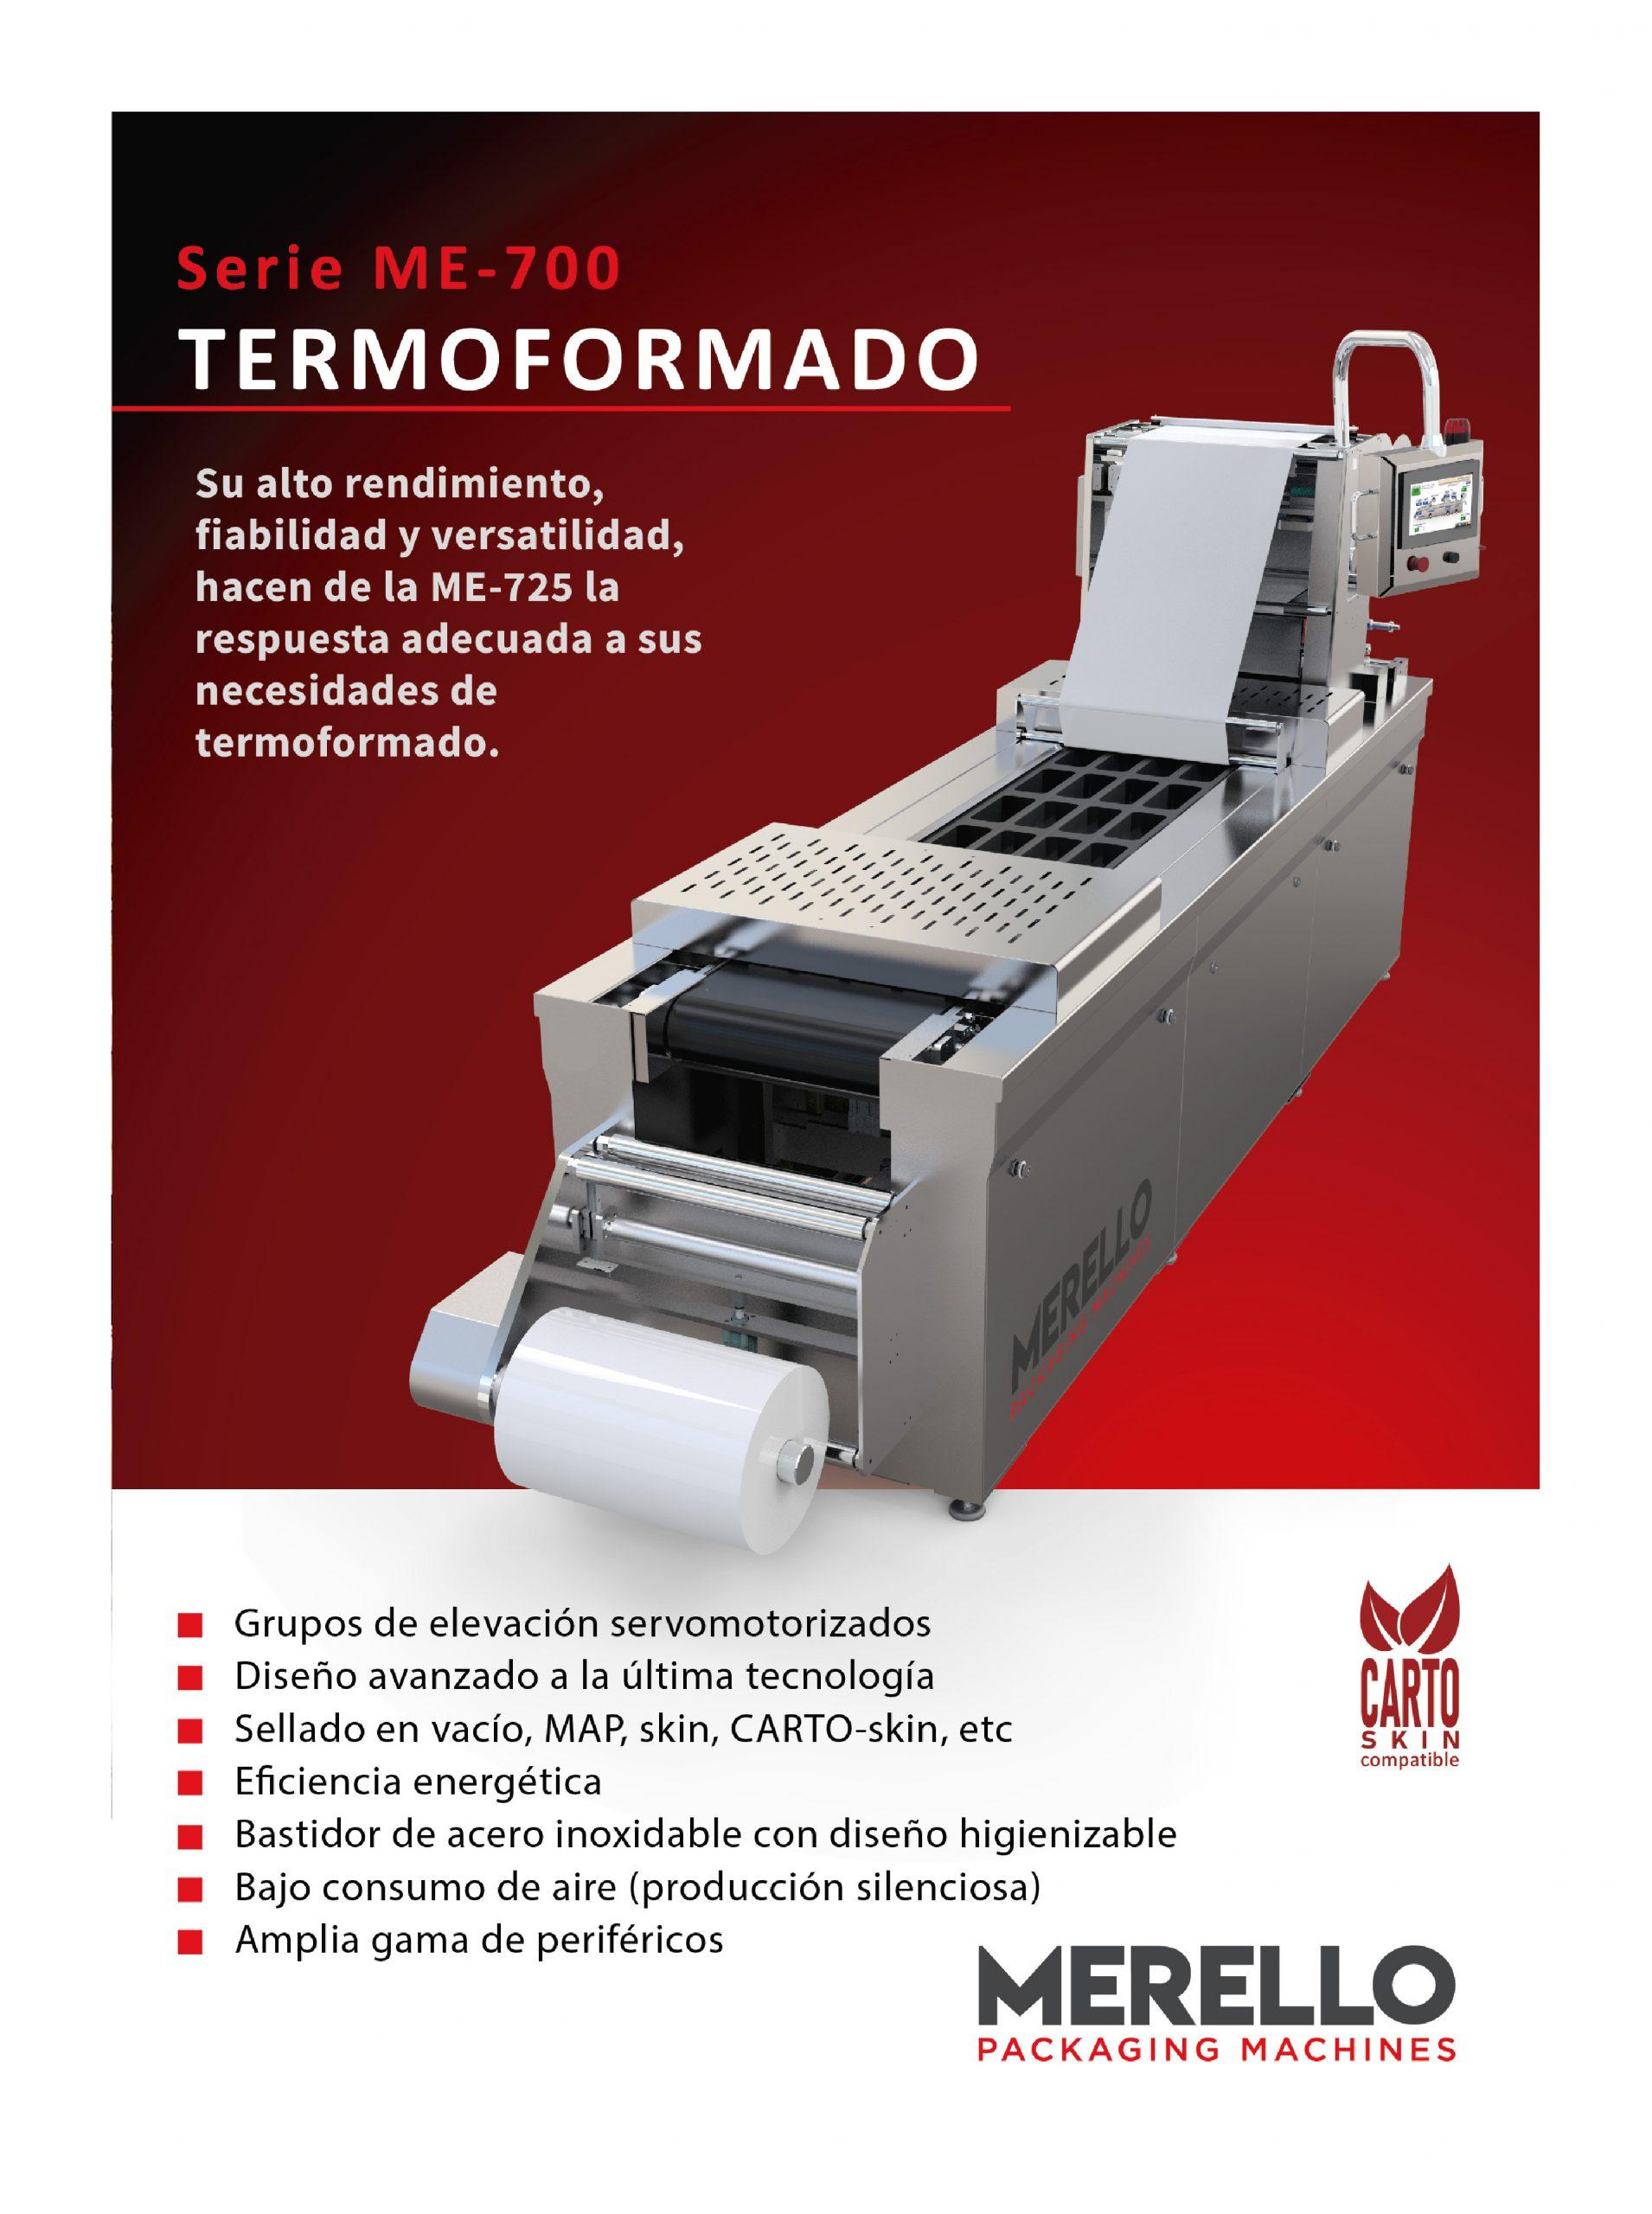 catalogo-fabricantes-maquinaria-termoformado-industrial-portada